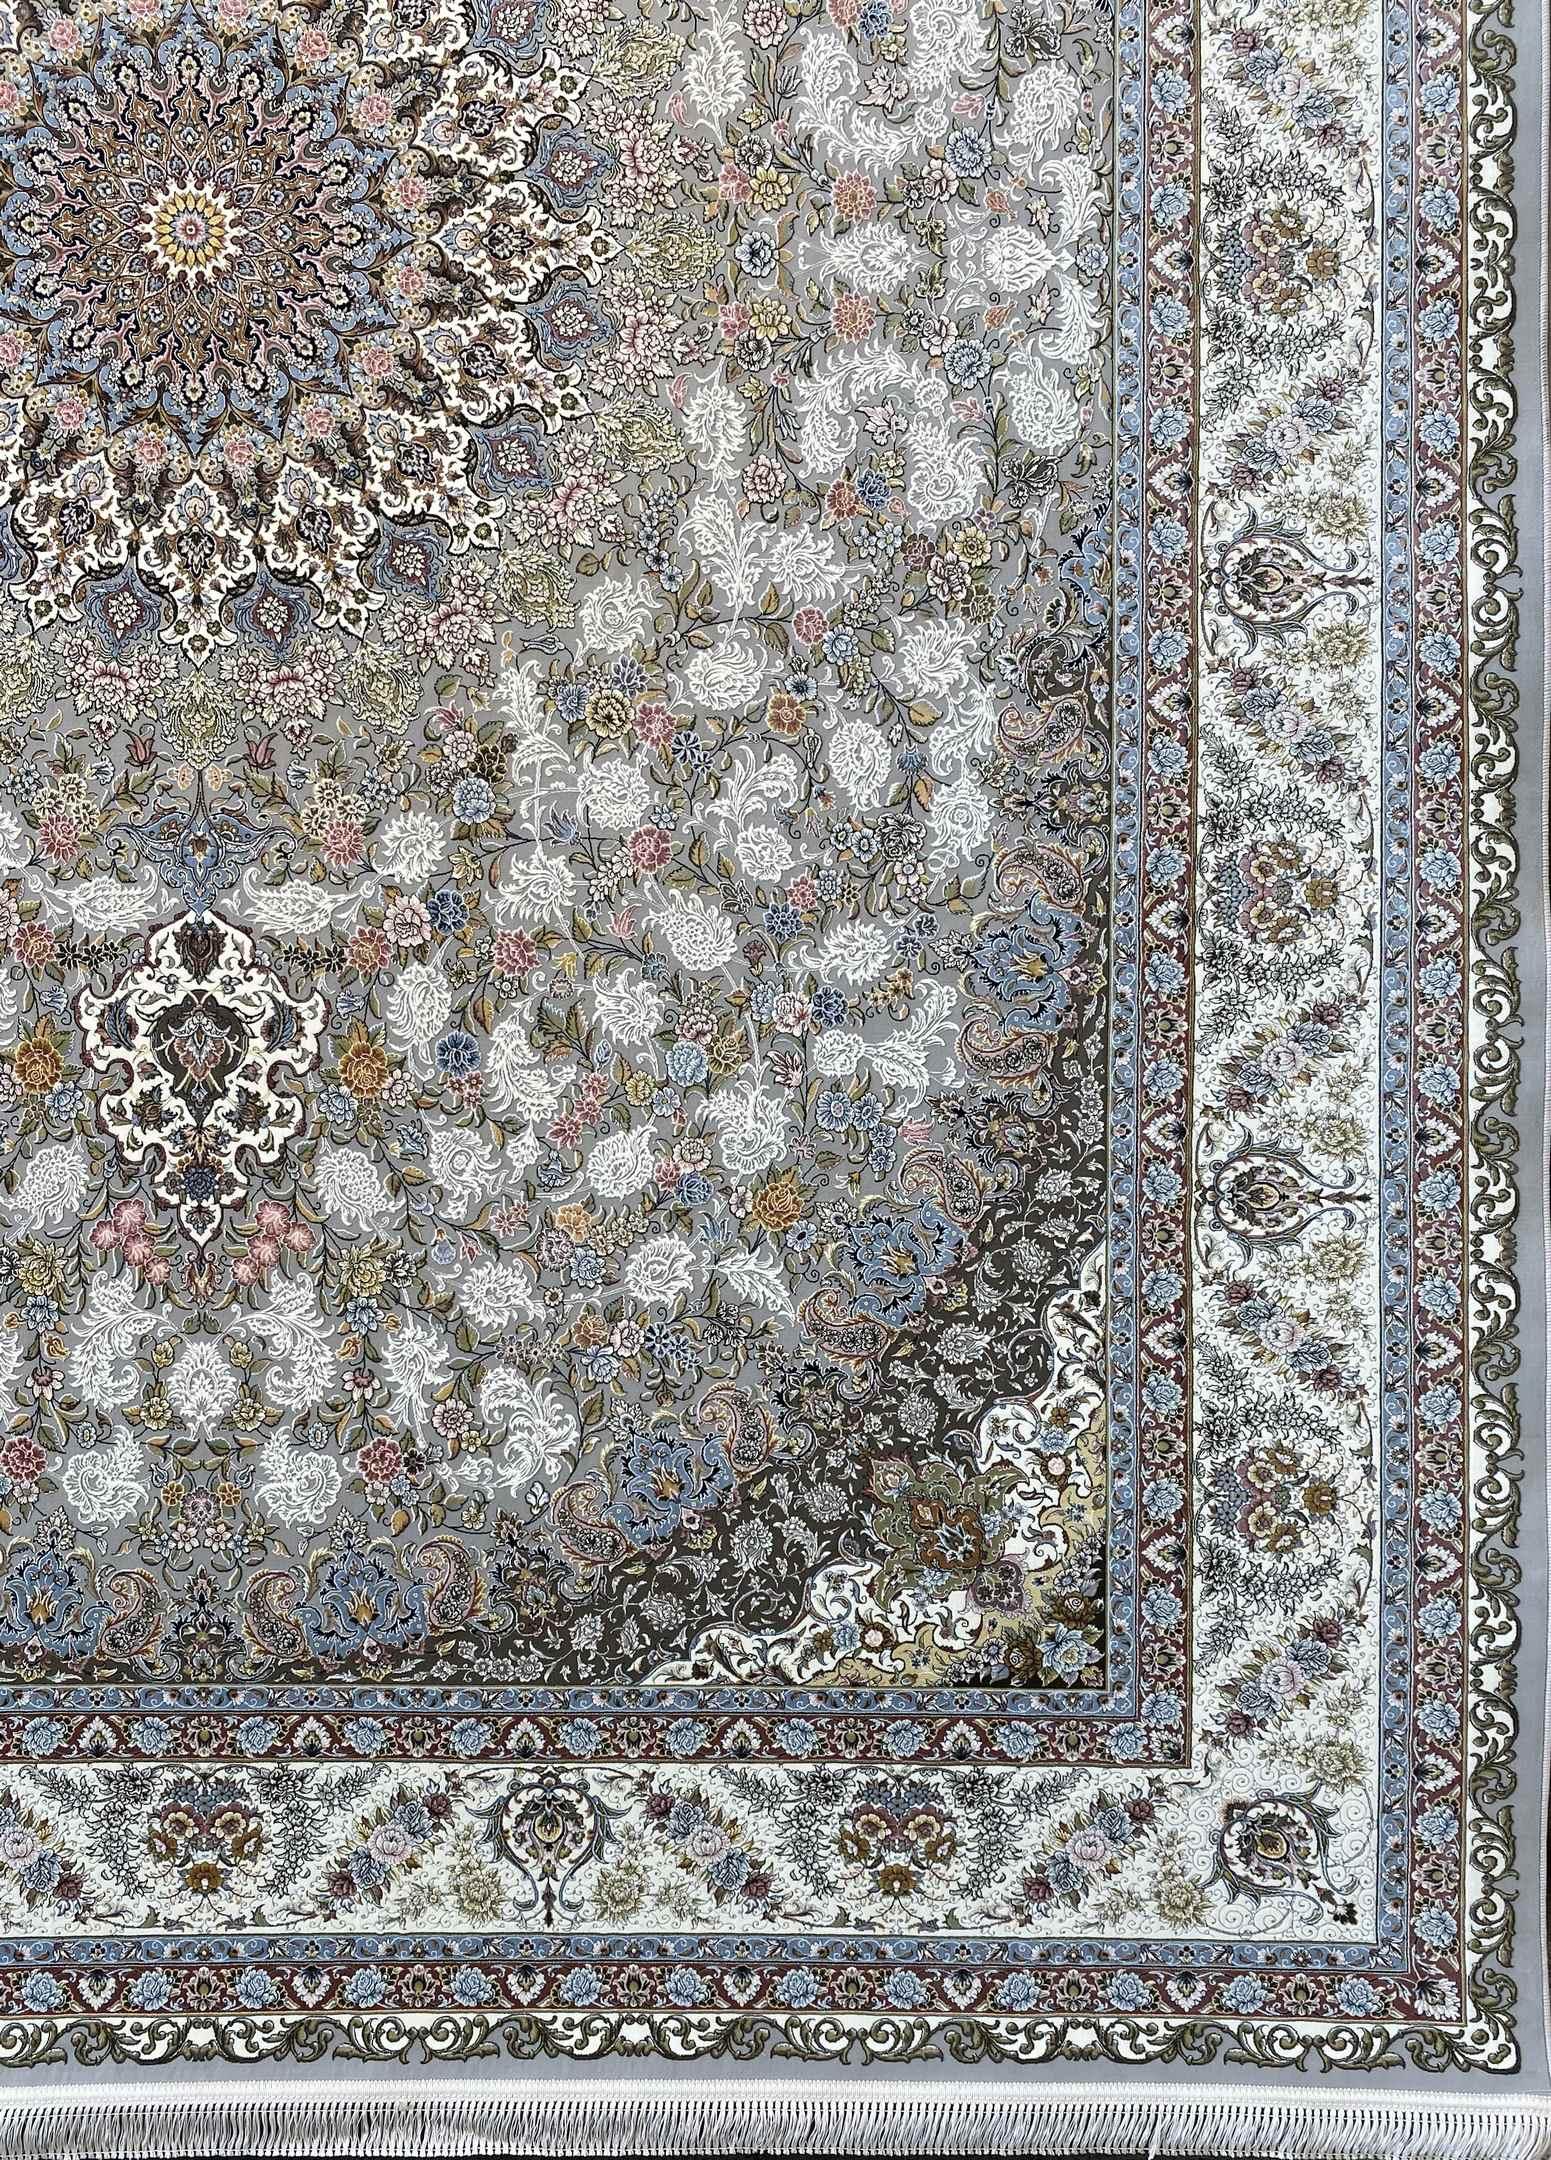 فرش طاوس 1500 شانه